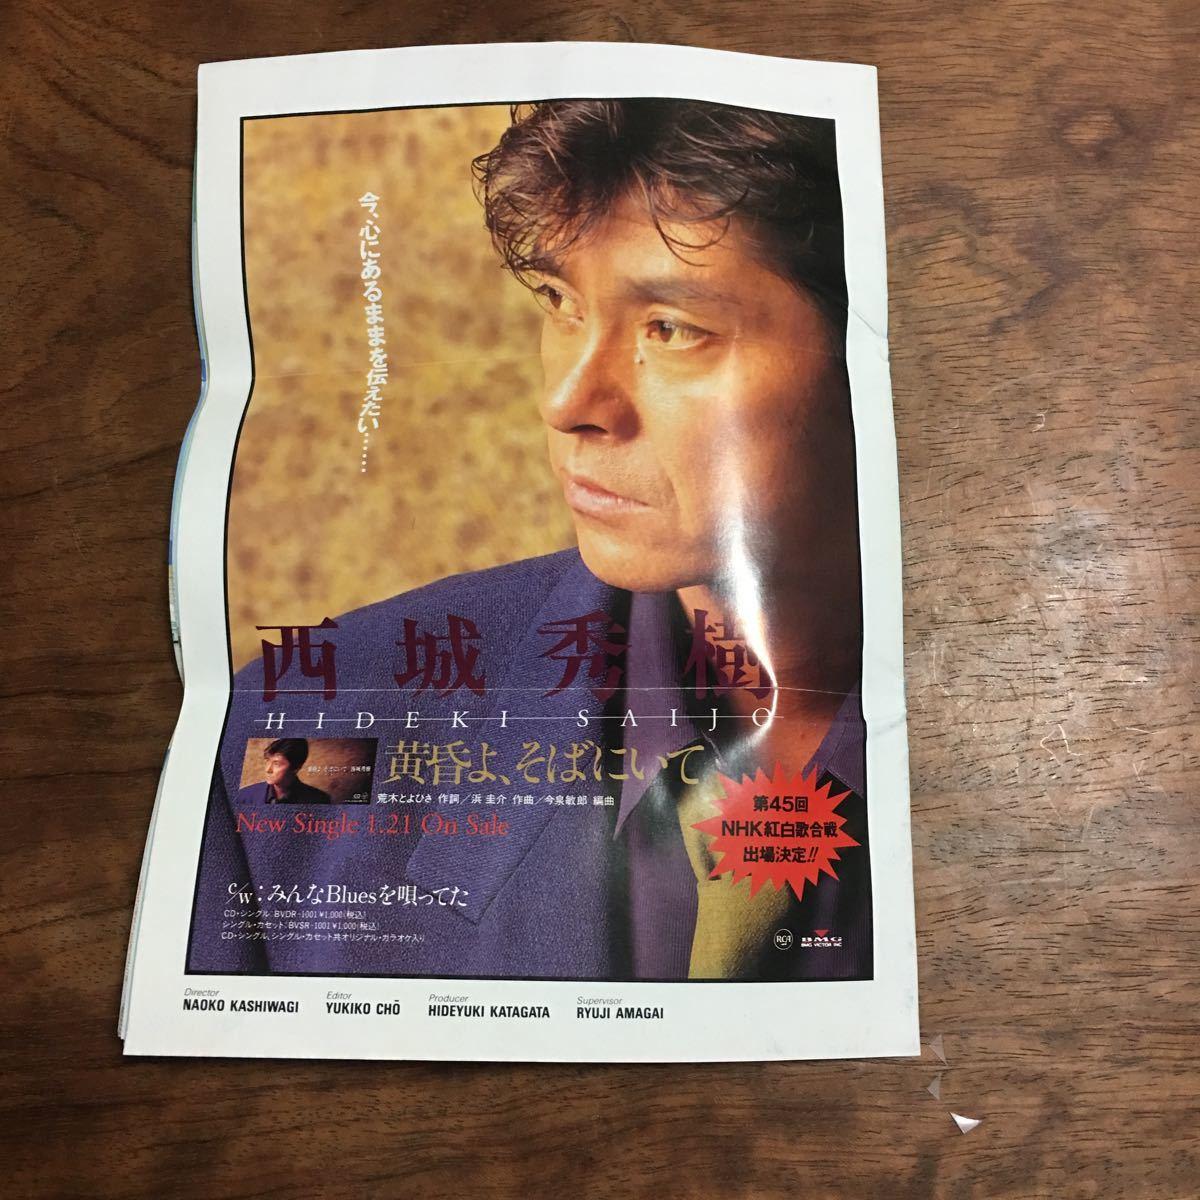 西城秀樹 ファンクラブ会報誌 DUET 1994 vol 39_画像7